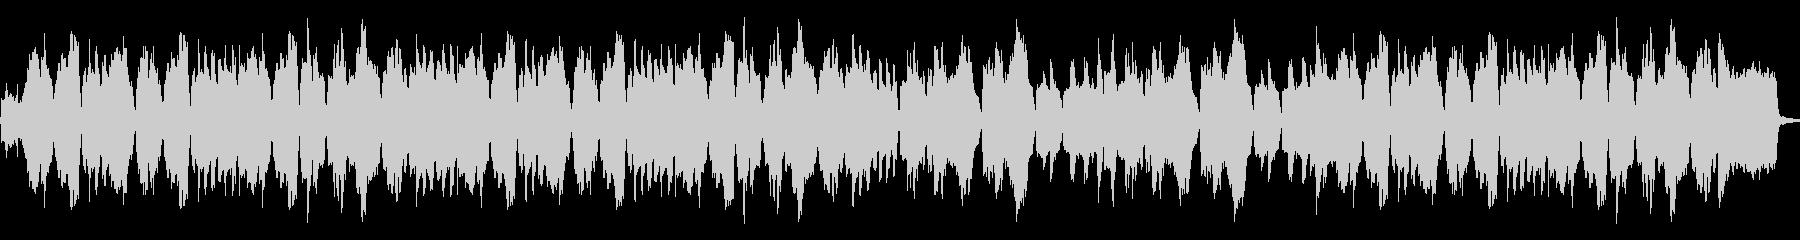 フィールドなどに使えそうなフルート曲の未再生の波形